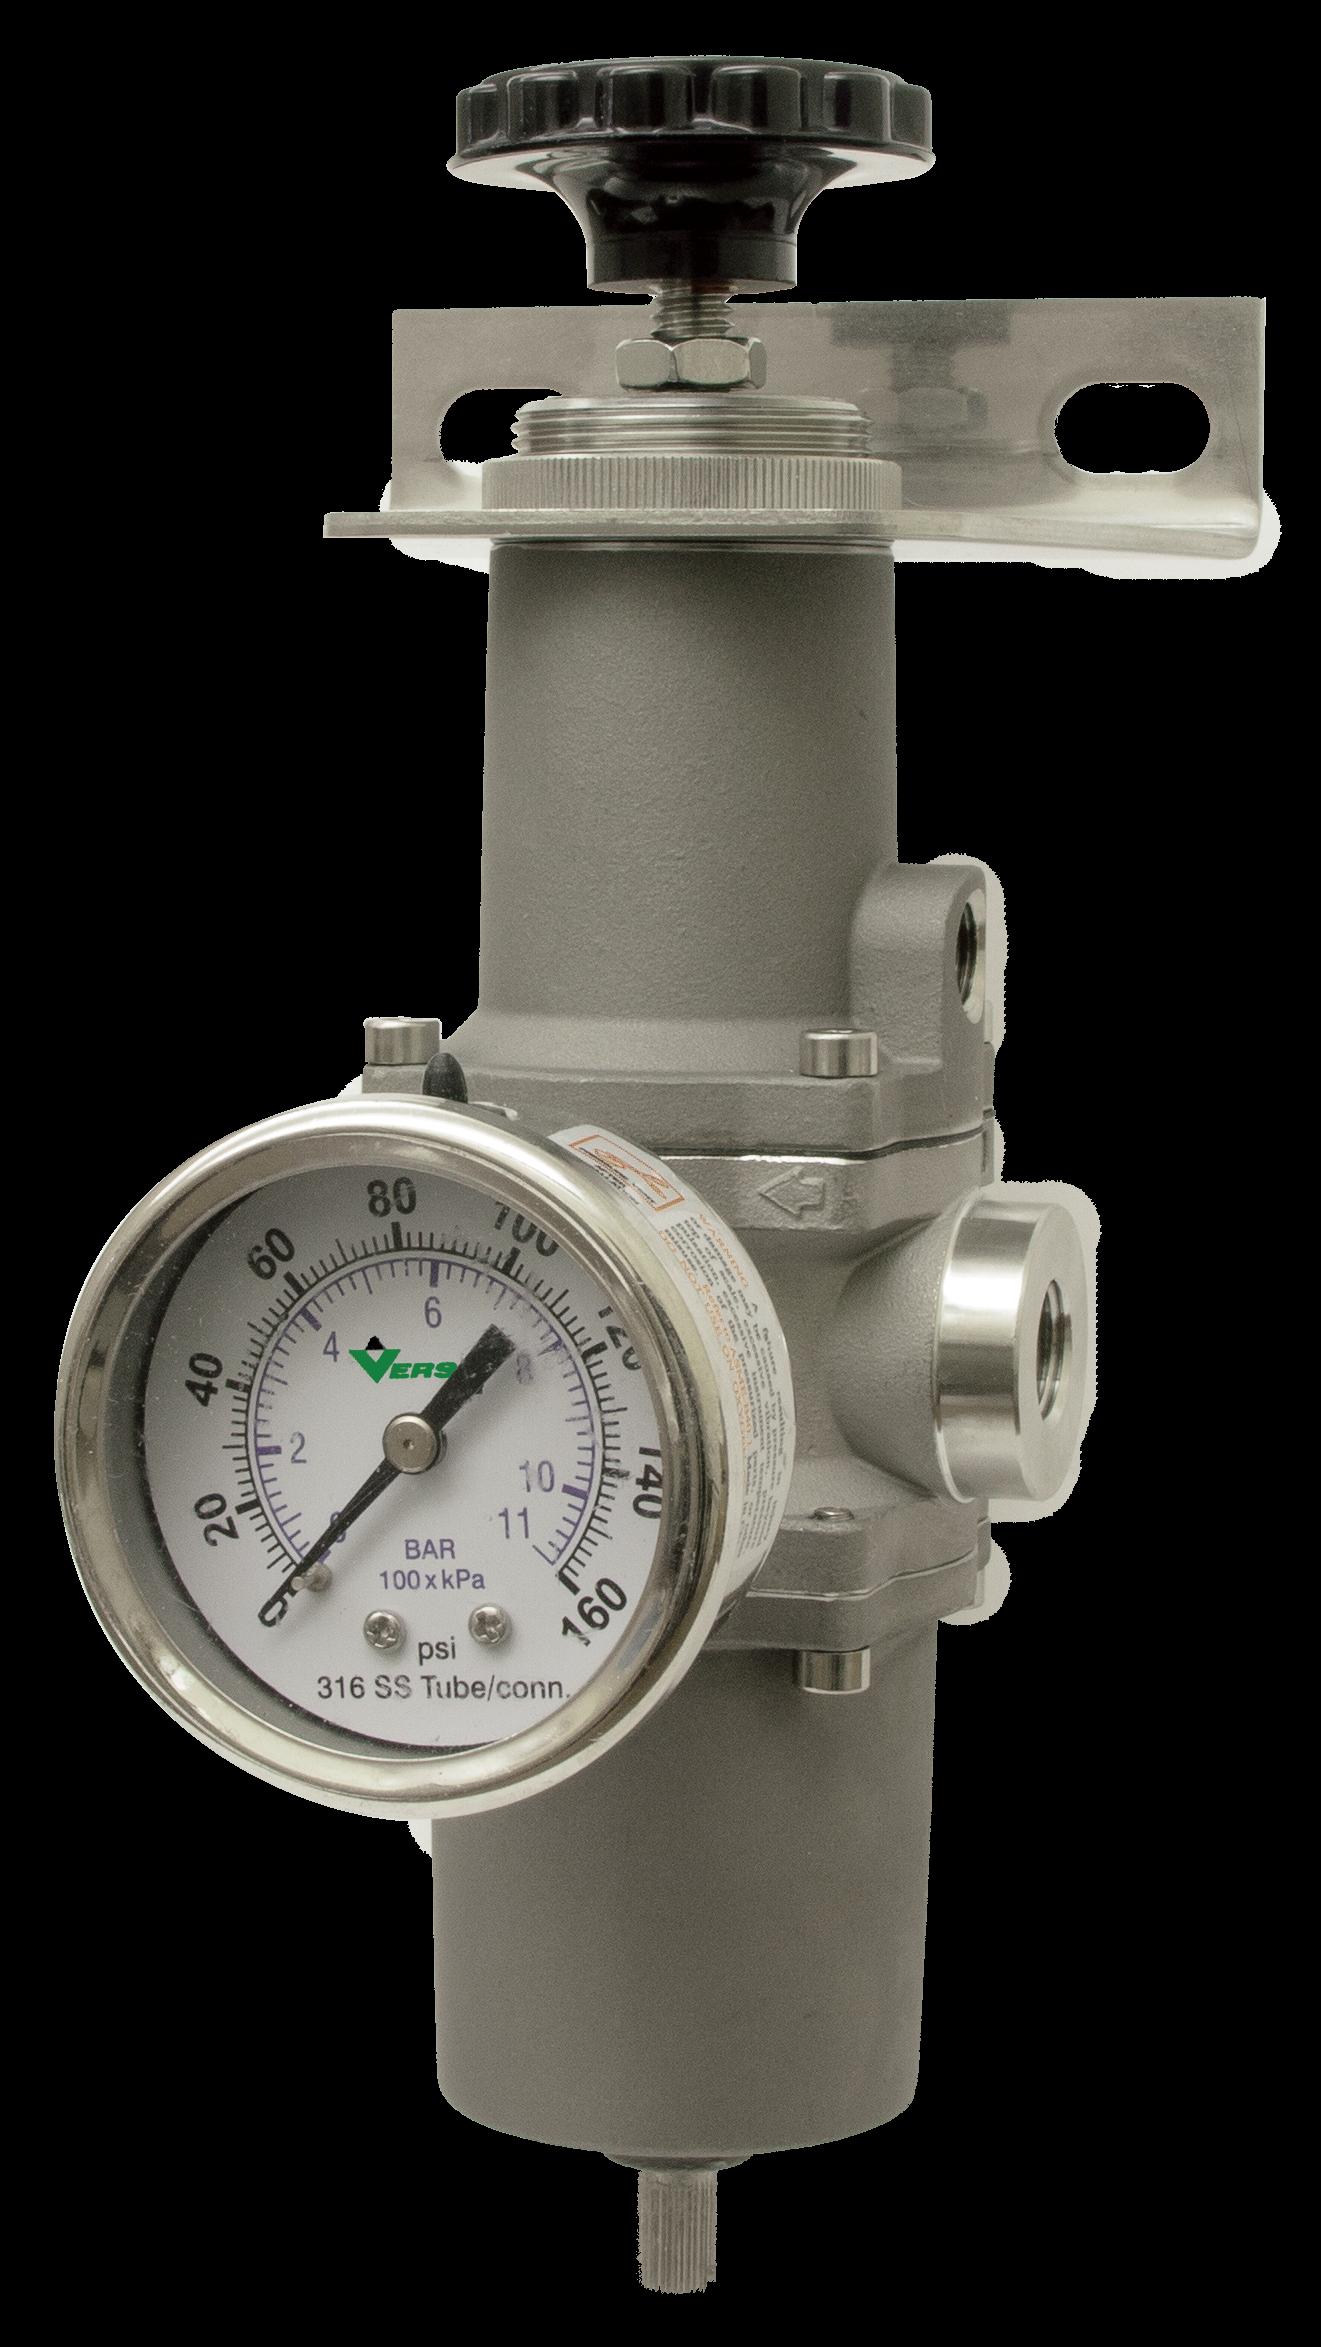 upstream filter and regulator